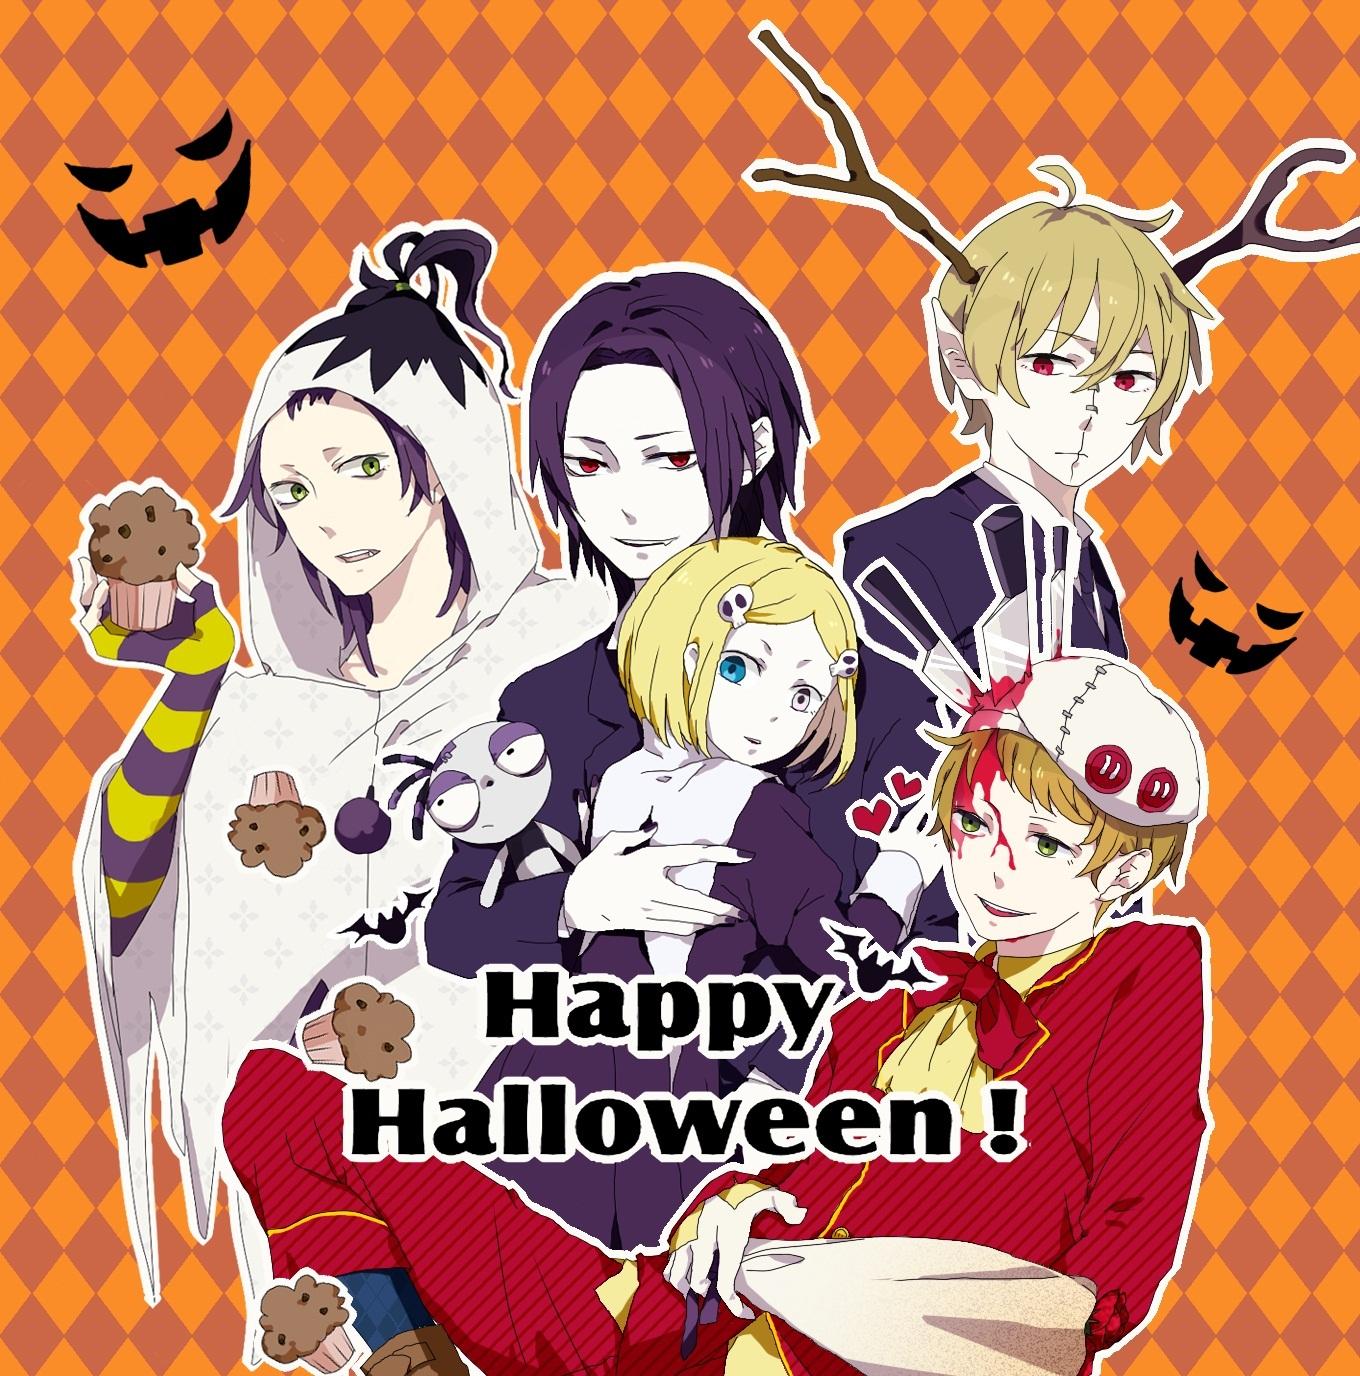 lenore images lenore the cute little dead girl anime hd wallpaper